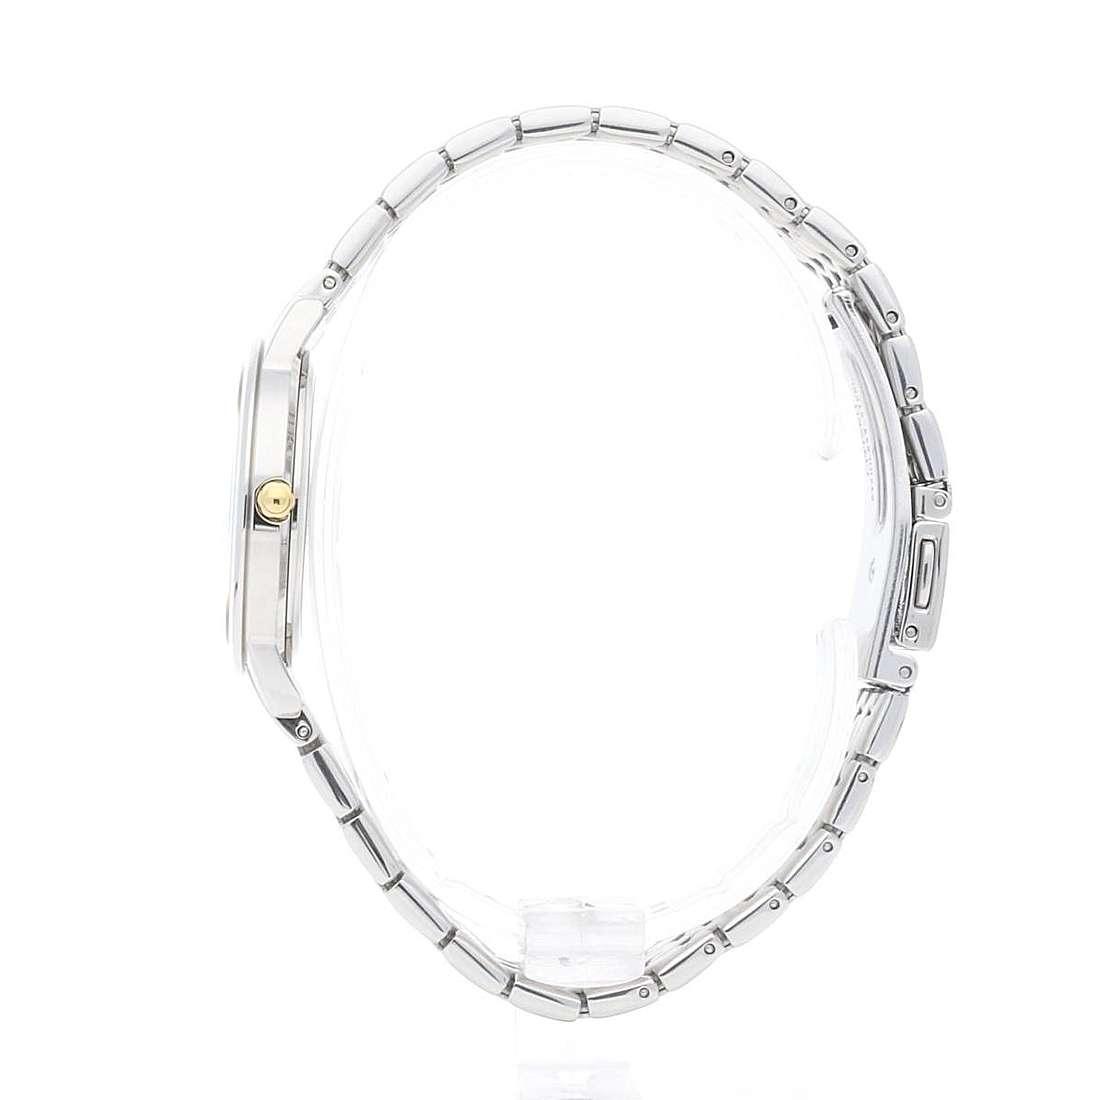 ساعت مچی عقربه ای زنانه سیتی زن مدل EX1498-87A -  - 3